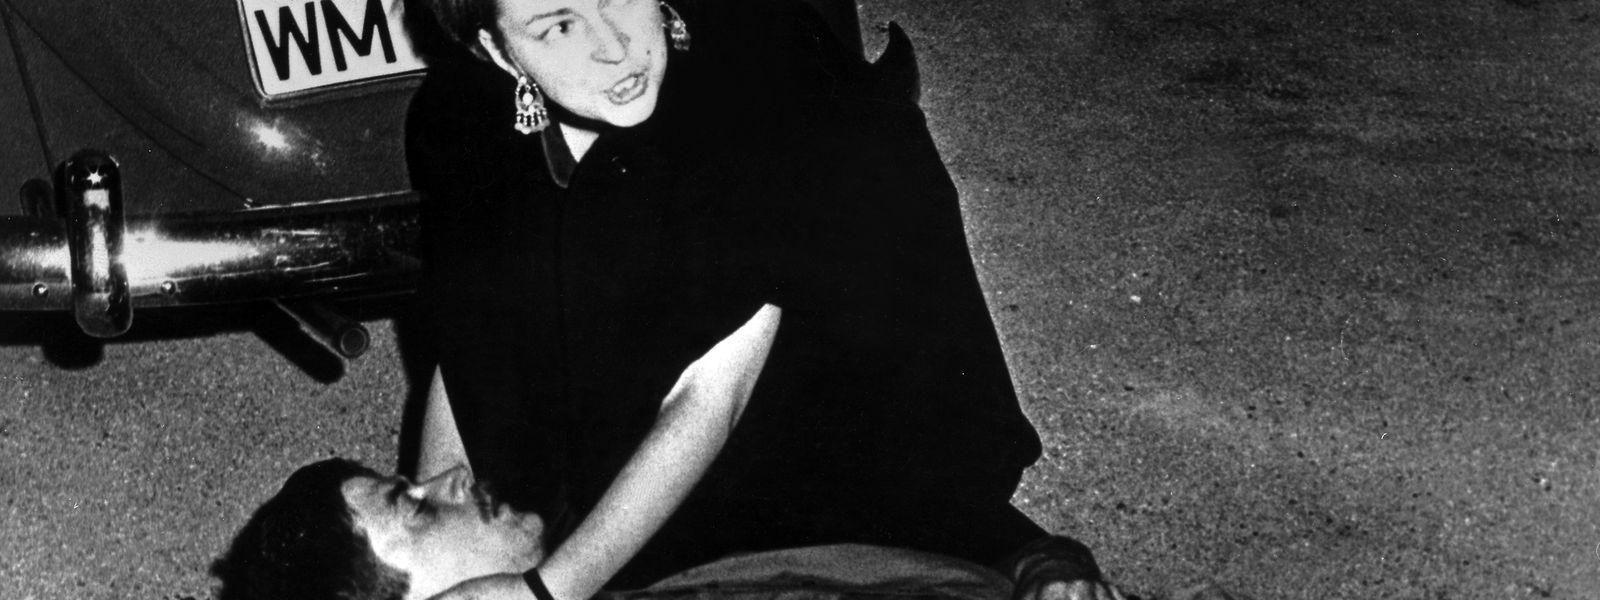 Das Symbolbild für eine Ära des Protests: Der sterbende Benno Ohnesorg liegt auf dem Boden, die Studentin Friederike Dollinger kümmert sich um ihn.